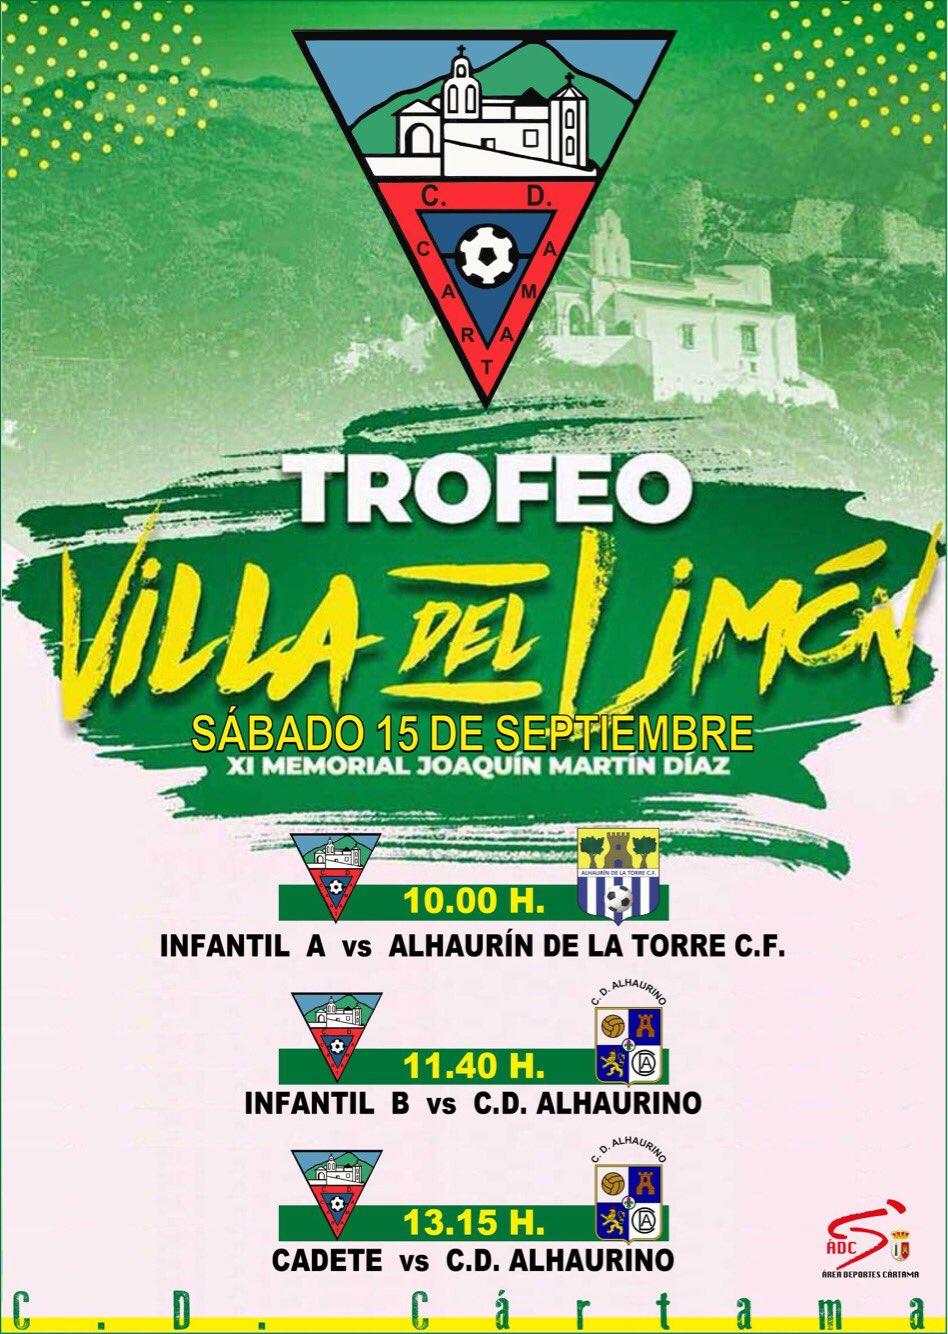 trofeo-villa-del-limon-fecha-septiembre-150918